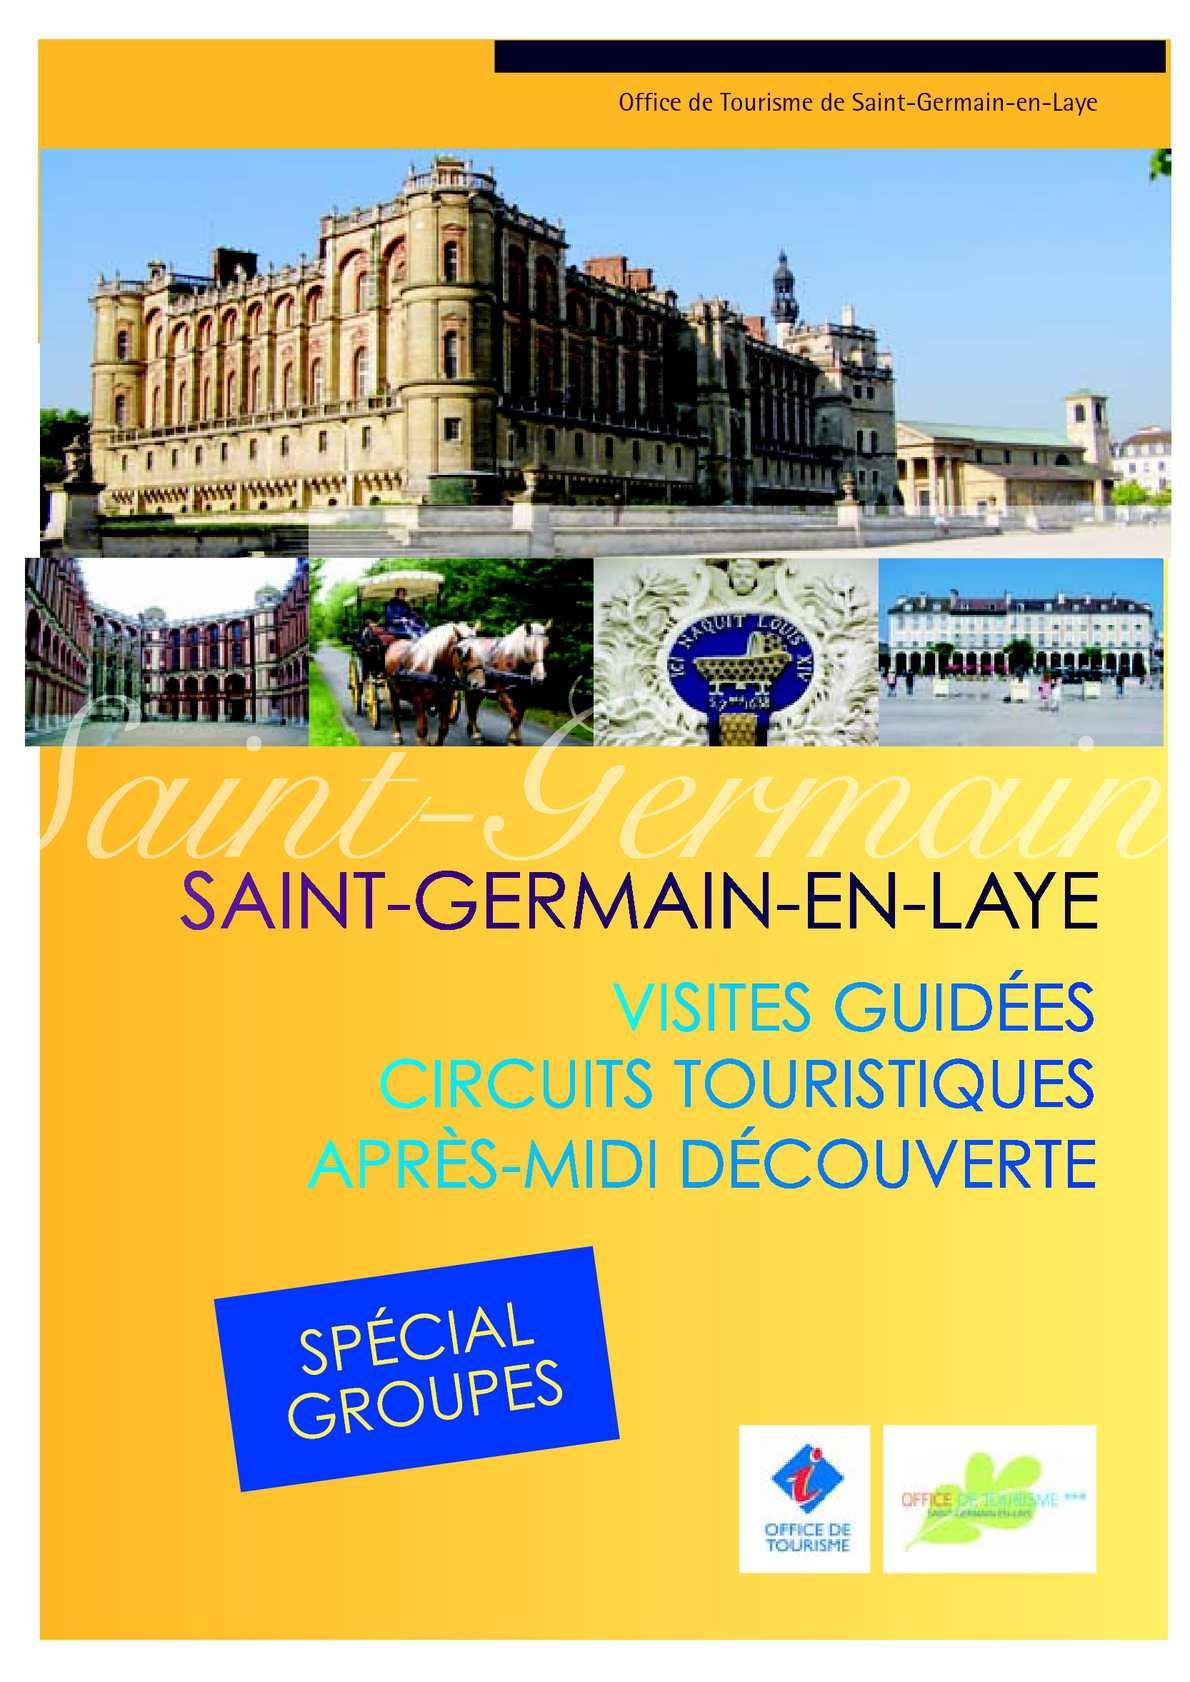 Calam o brochure sp cial groupe - Office du tourisme saint germain en laye ...